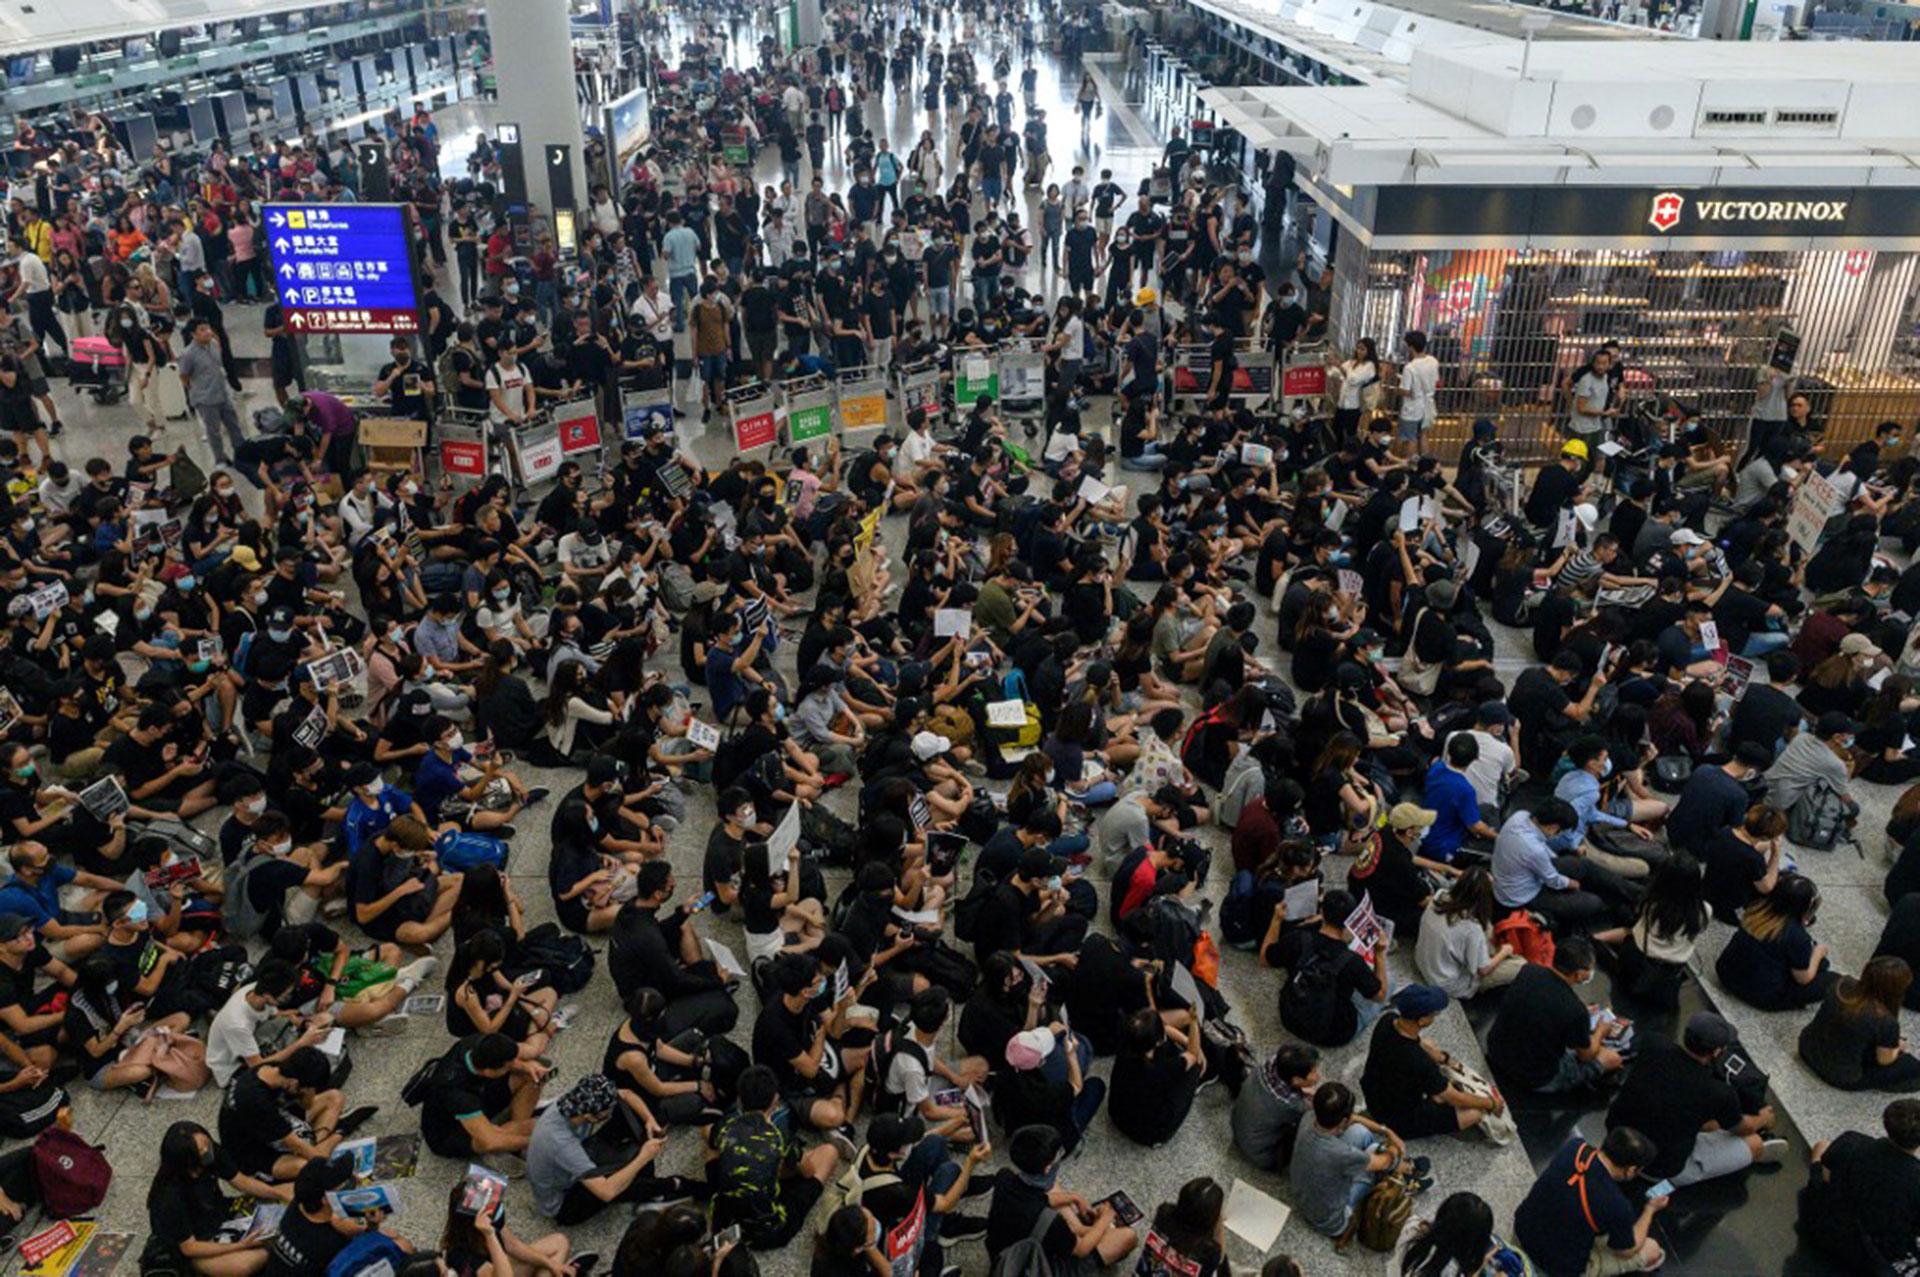 Manifestantes pro-democracia de Hong Kong bloquean el acceso a las puertas de salida durante otra manifestación en el aeropuerto internacional de Hong Kong el 13 de agosto de 2019 (Foto de Philip FONG / AFP)